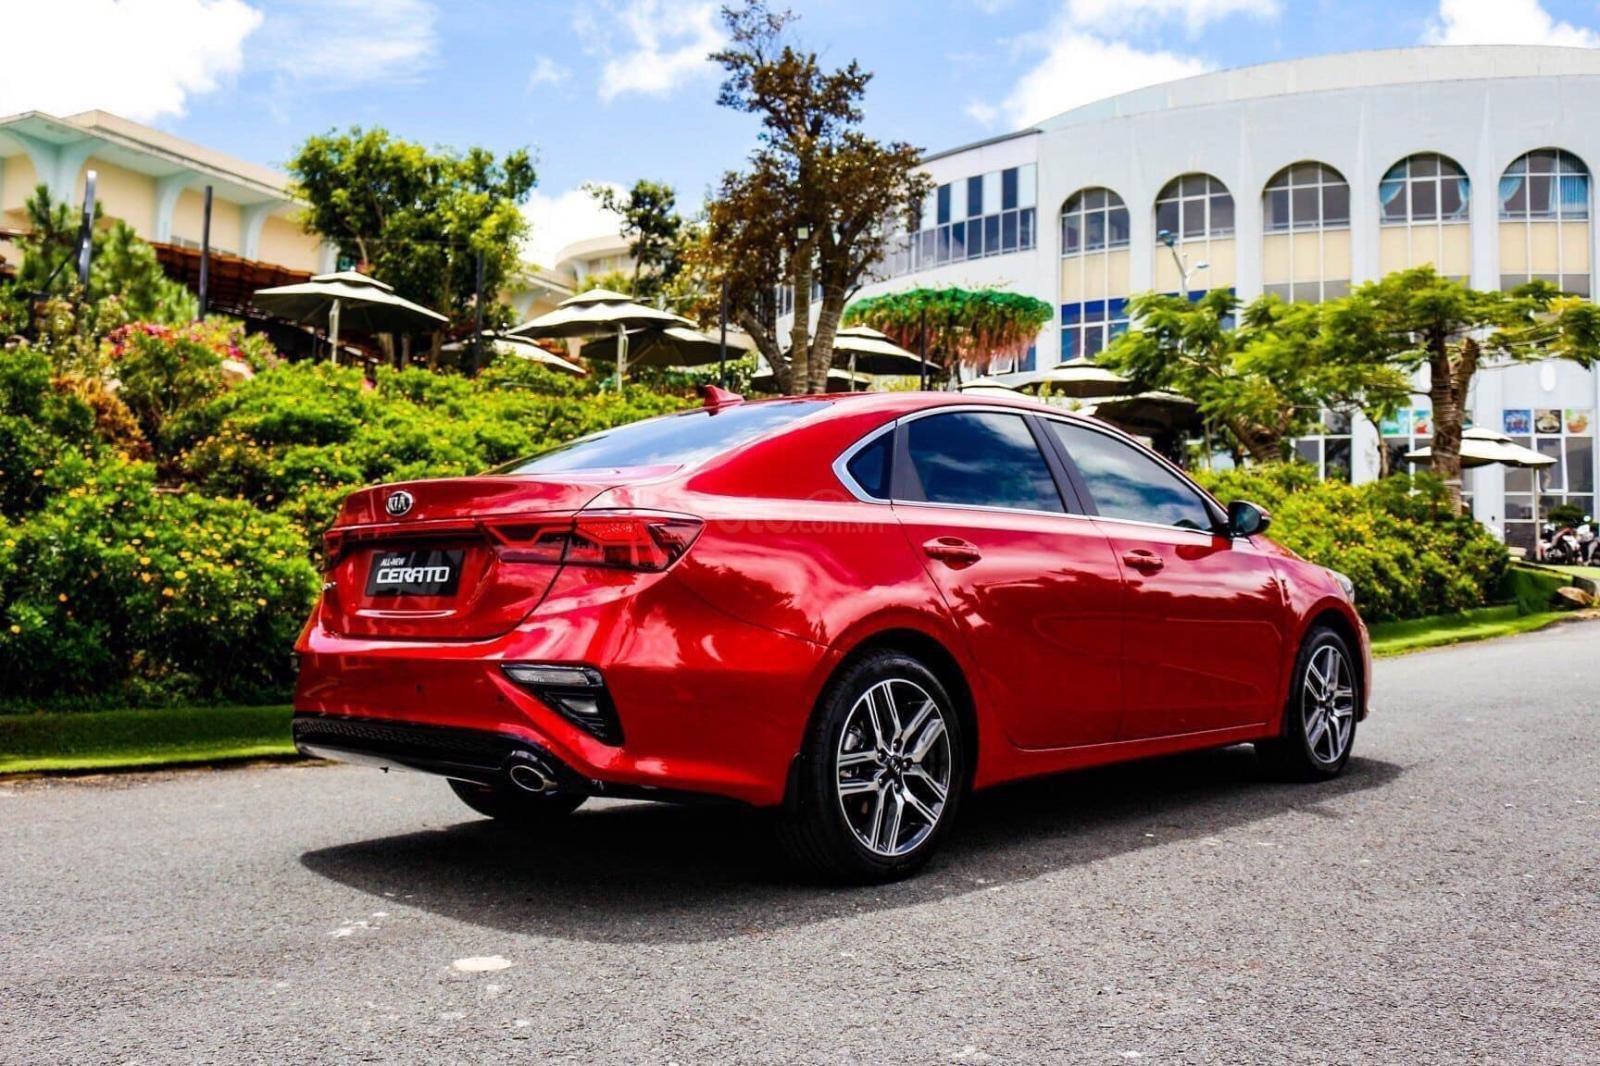 Kia Cerato 2020 nhận xe chỉ với 160tr - ưu đãi lớn - TG 85-90% xe - đủ màu và phiên bản - giảm thuế TB 50% - giao xe ngay (3)